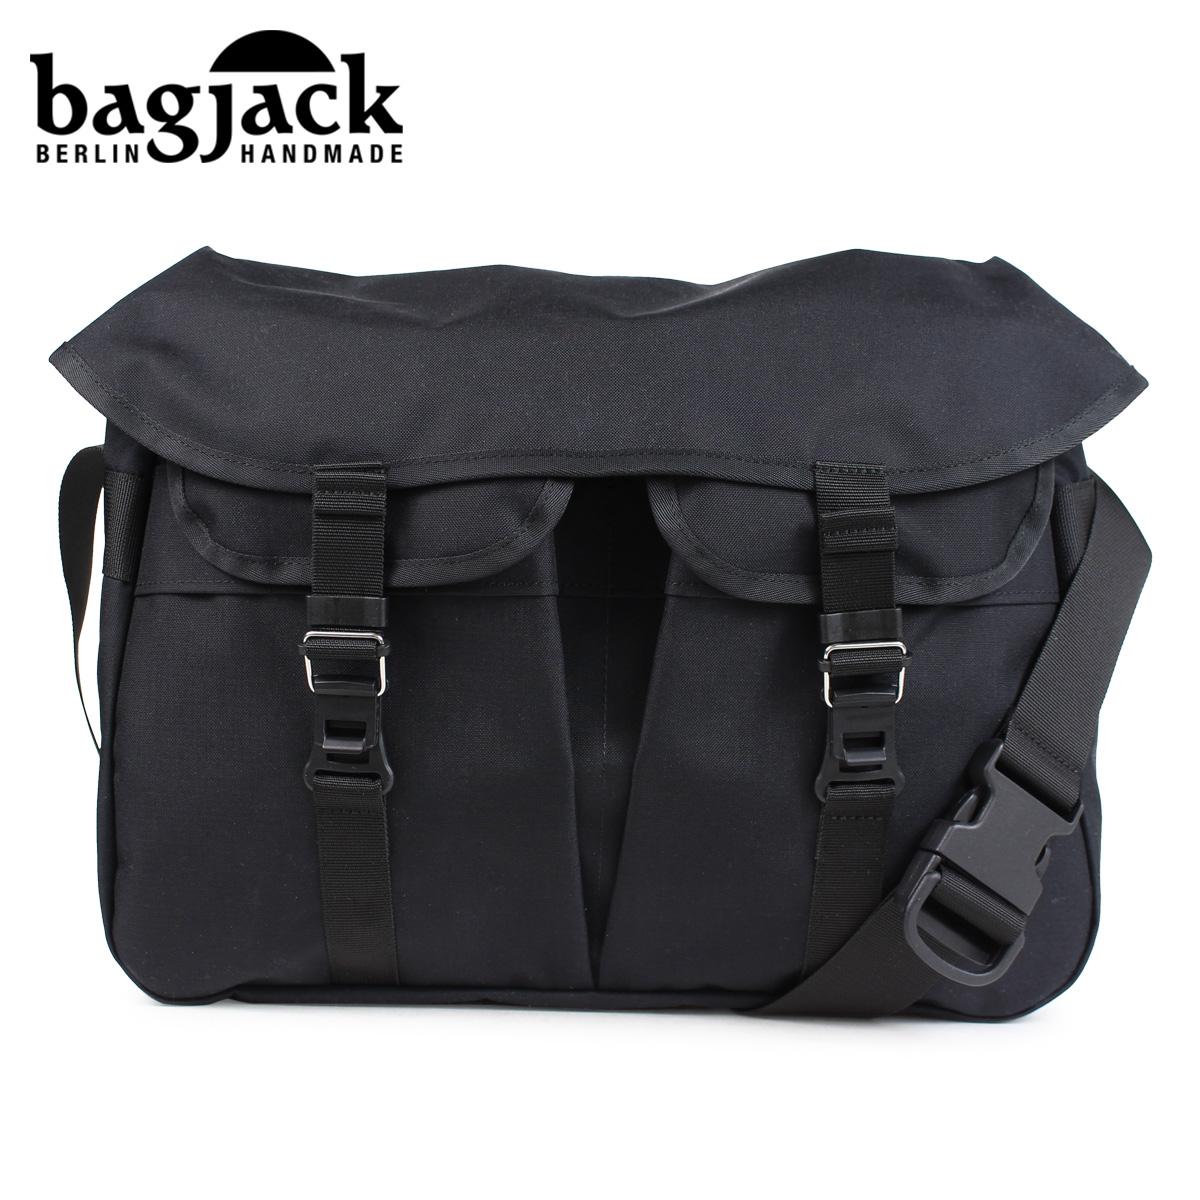 バッグジャック bagjack メッセンジャーバッグ ショルダーバッグ メンズ レディース HNTR BAG ブラック